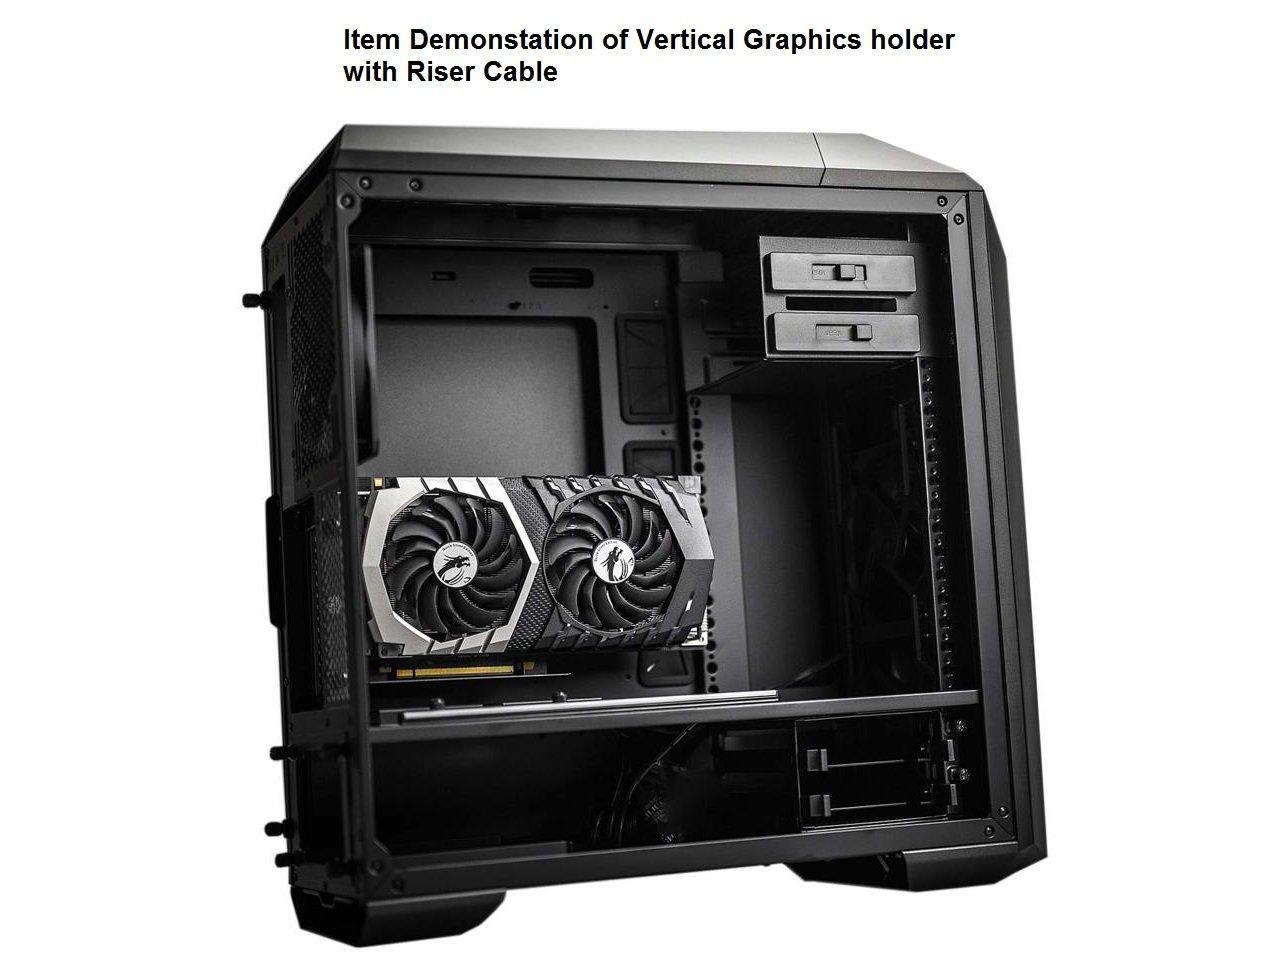 Cooler Master Kit Soporte Vertical Tarjetas GRAFICAS MCA-U000R-KFVK00, 145 MM, 170 MM, 120 MM, 230 G